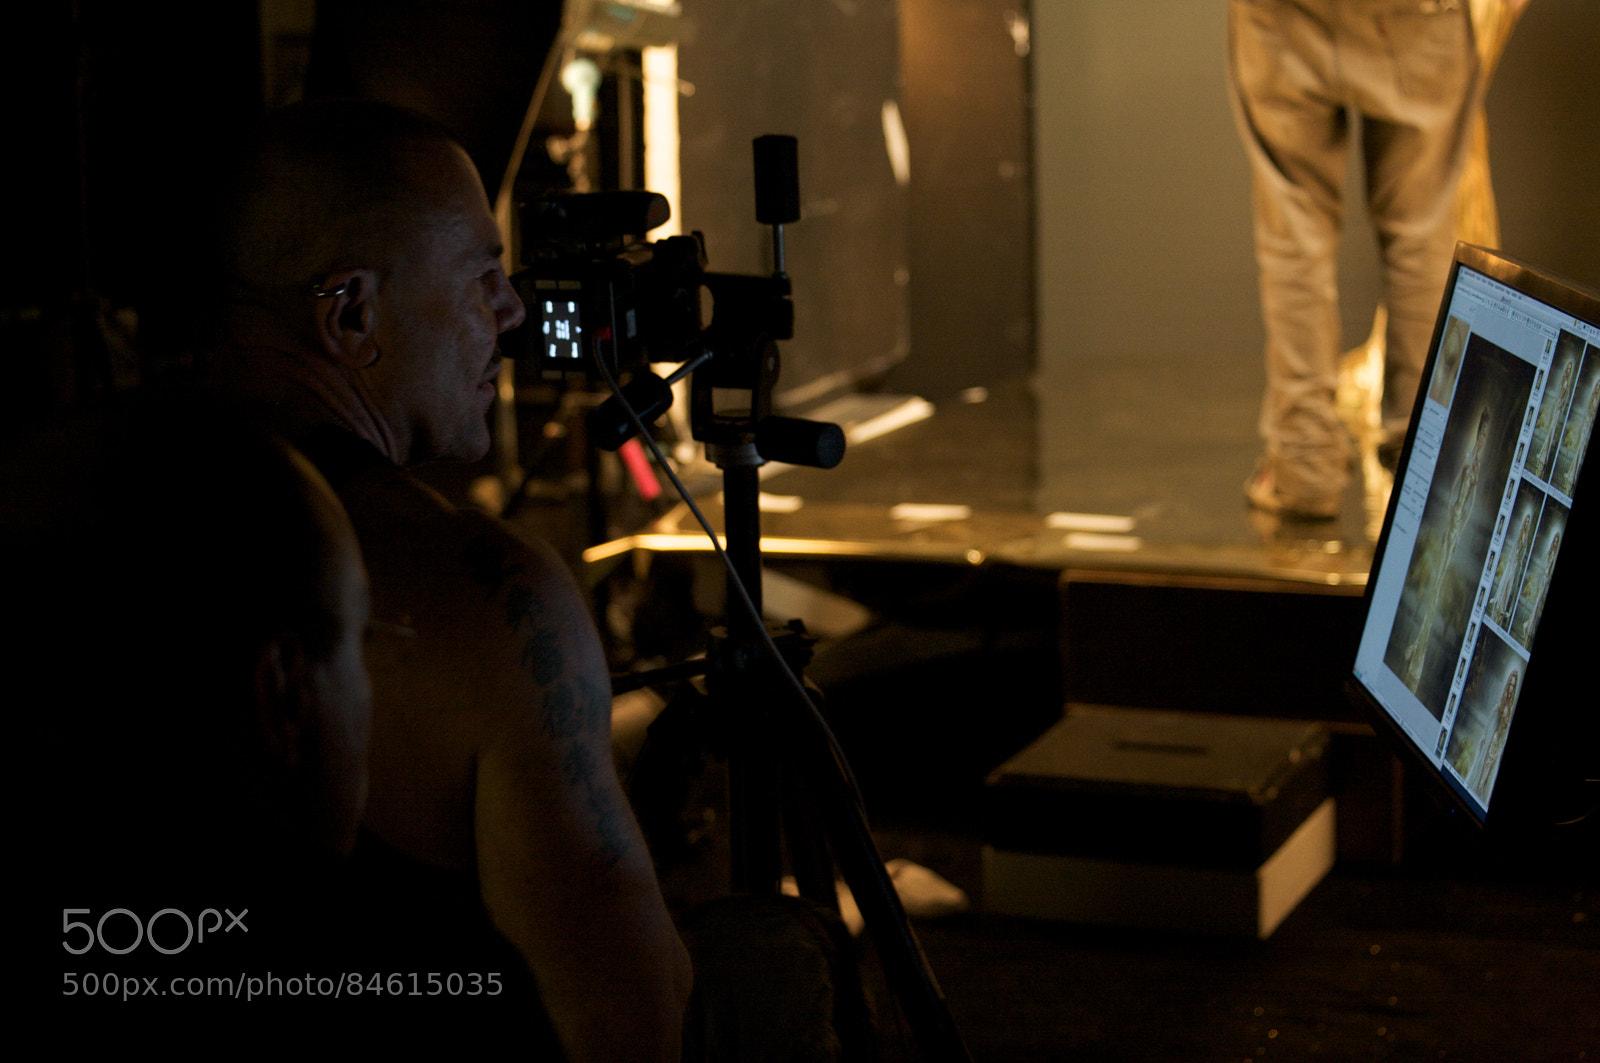 Thierry Mugler - BTS Alien 2008